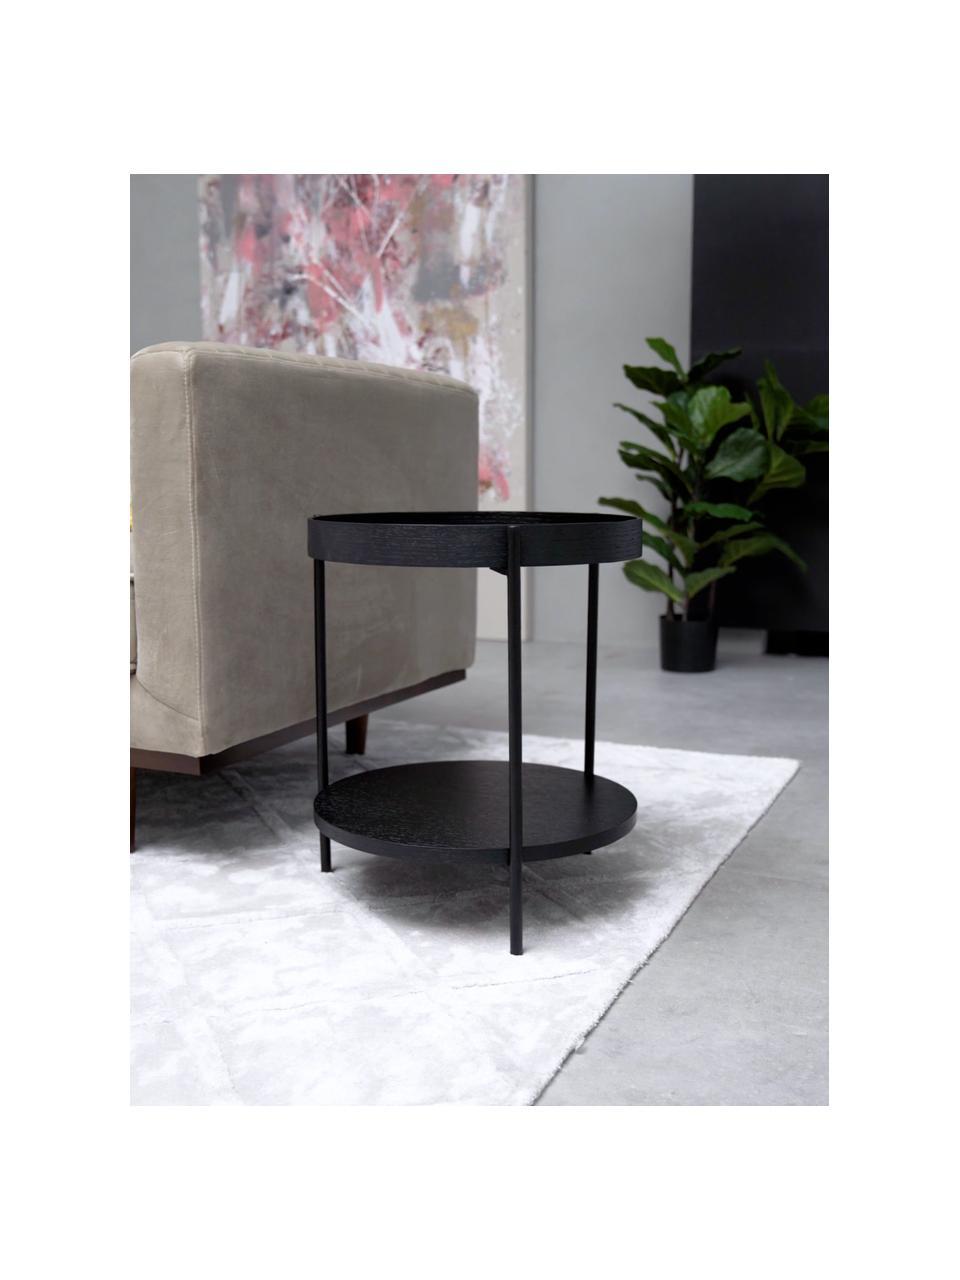 Table d'appoint ronde avec rangement Renee, Plateau: noir Cadre: noir, mat